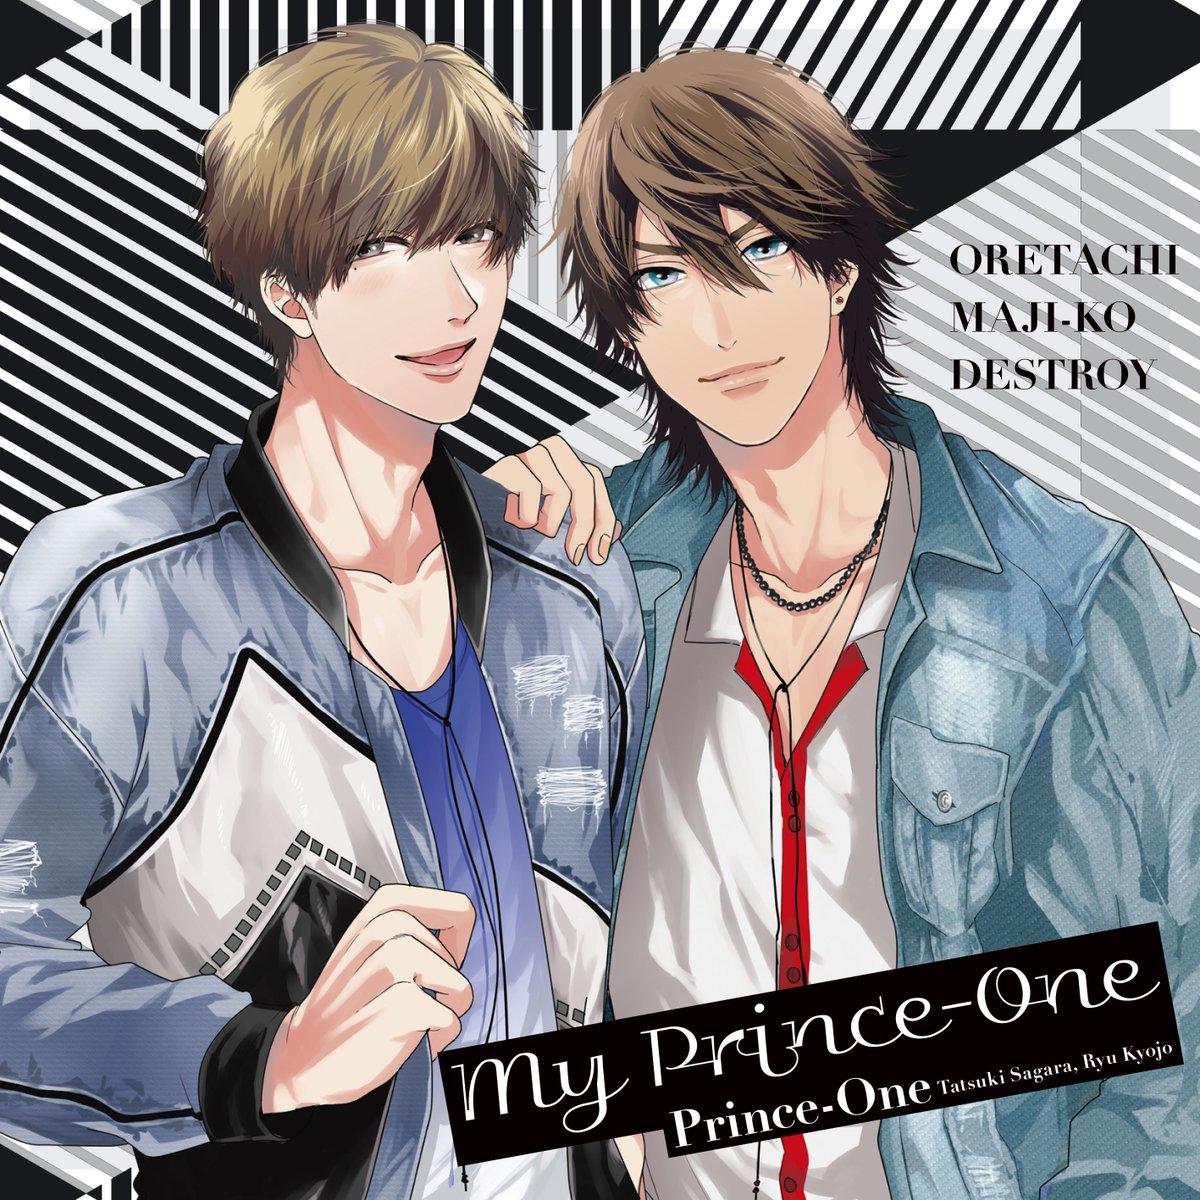 【『俺たち #マジ校デストロイ』情報✨】 JOYSOUNDにて『My Prince-One』#カラオケ 好評配信中!🎊 お友達とたくさん歌って盛り上がってください~!😊🎶  🎧My Prince-One / Prince-One[相良辰生(CV #佐藤拓也 さん)、京条 竜(CV #田丸篤志 さん)] 🎙️選曲番号:436188